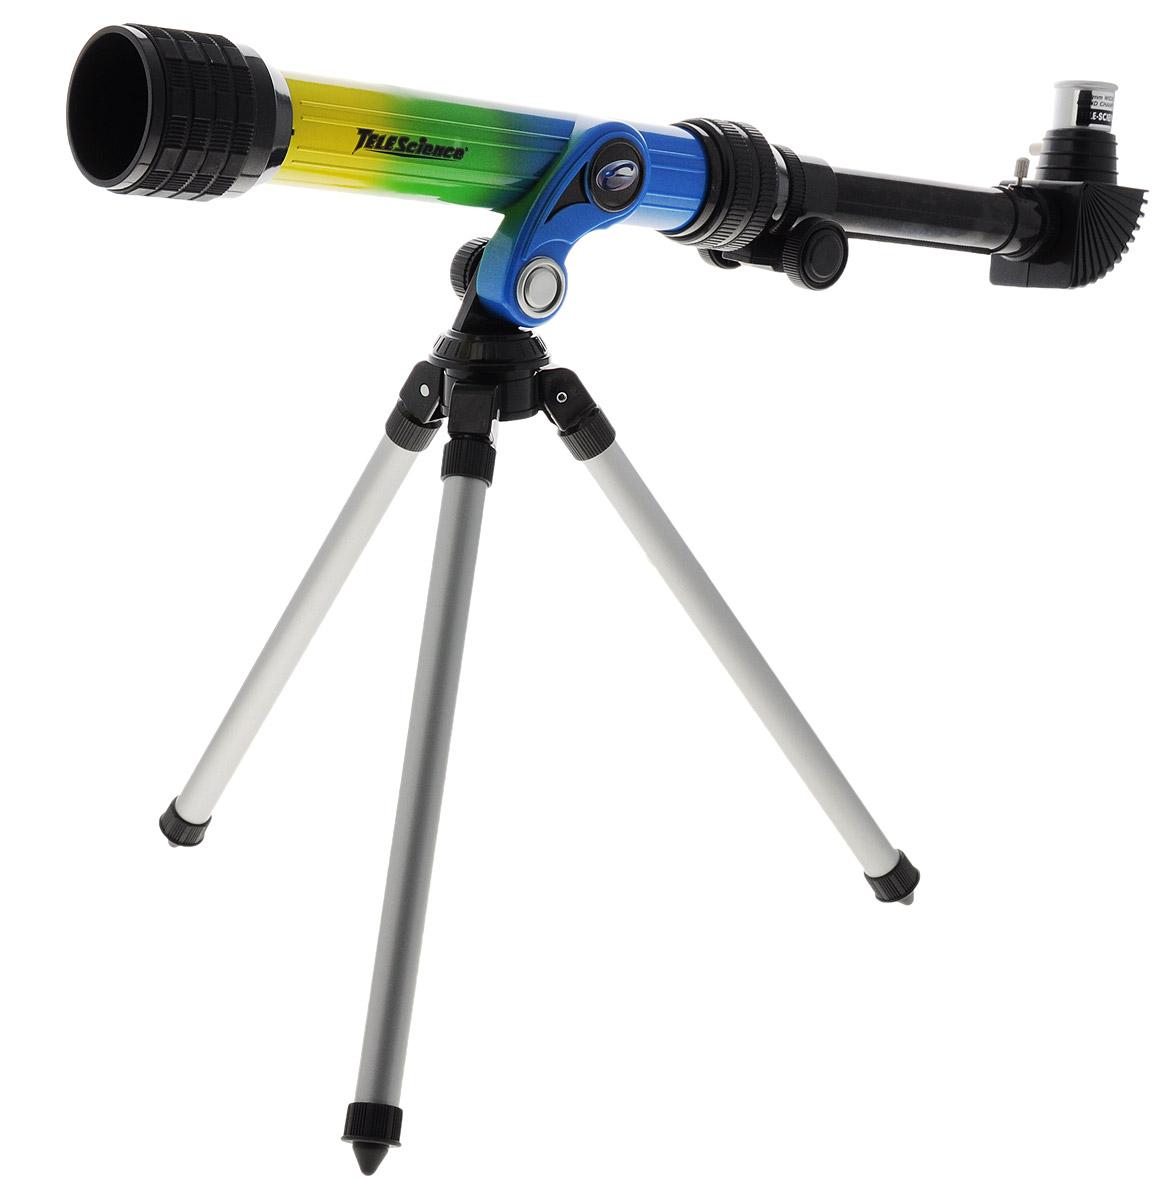 ABtoys Телескоп со штативом TeleScience цвет желтый зеленый синий32003Телескоп со штативом ABtoys TeleScience - это замечательный подарок для юных любителей звезд. Специальный окуляр позволяет наблюдать большую площадь объекта при одинаковом увеличении. Благодаря высокому качеству изображения и штативу, входящему в комплект, телескоп поможет ребенку совершить первые звездные прогулки и осознать, насколько велик окружающий мир. Фокусное расстояние: 400 мм. Окуляр: 20 мм - 4 мм. Диаметр объектива: 30 мм.